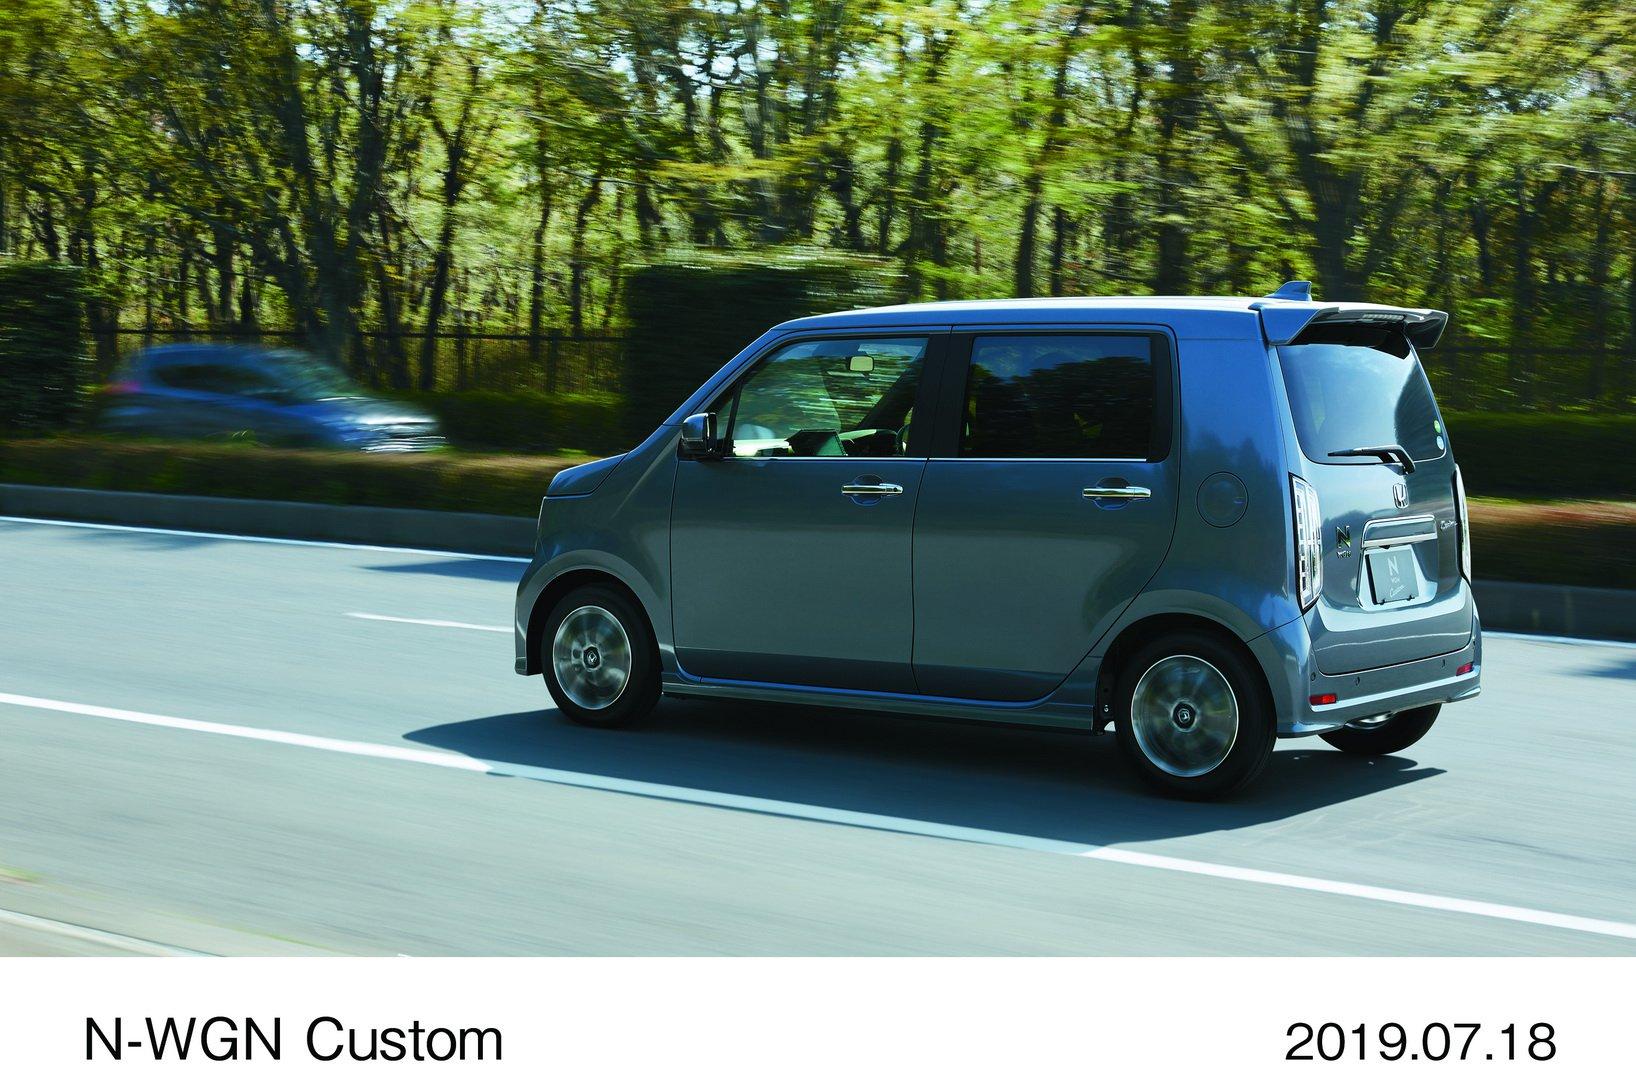 Недосягаемый бестселлер японского авторынка – Honda N-Box. Только за прошлый год продано 242 000 экземпляров. А вот родственный хэтчбек N-WGN такими цифрами похвастаться не может: в 2018-м было реализовано лишь 63 000 единиц. Чтобы поднять продажи, разработчик решил использовать секретный рецепт при разработке второго поколения, сработавший с N-Box, – стилизация под ретро.